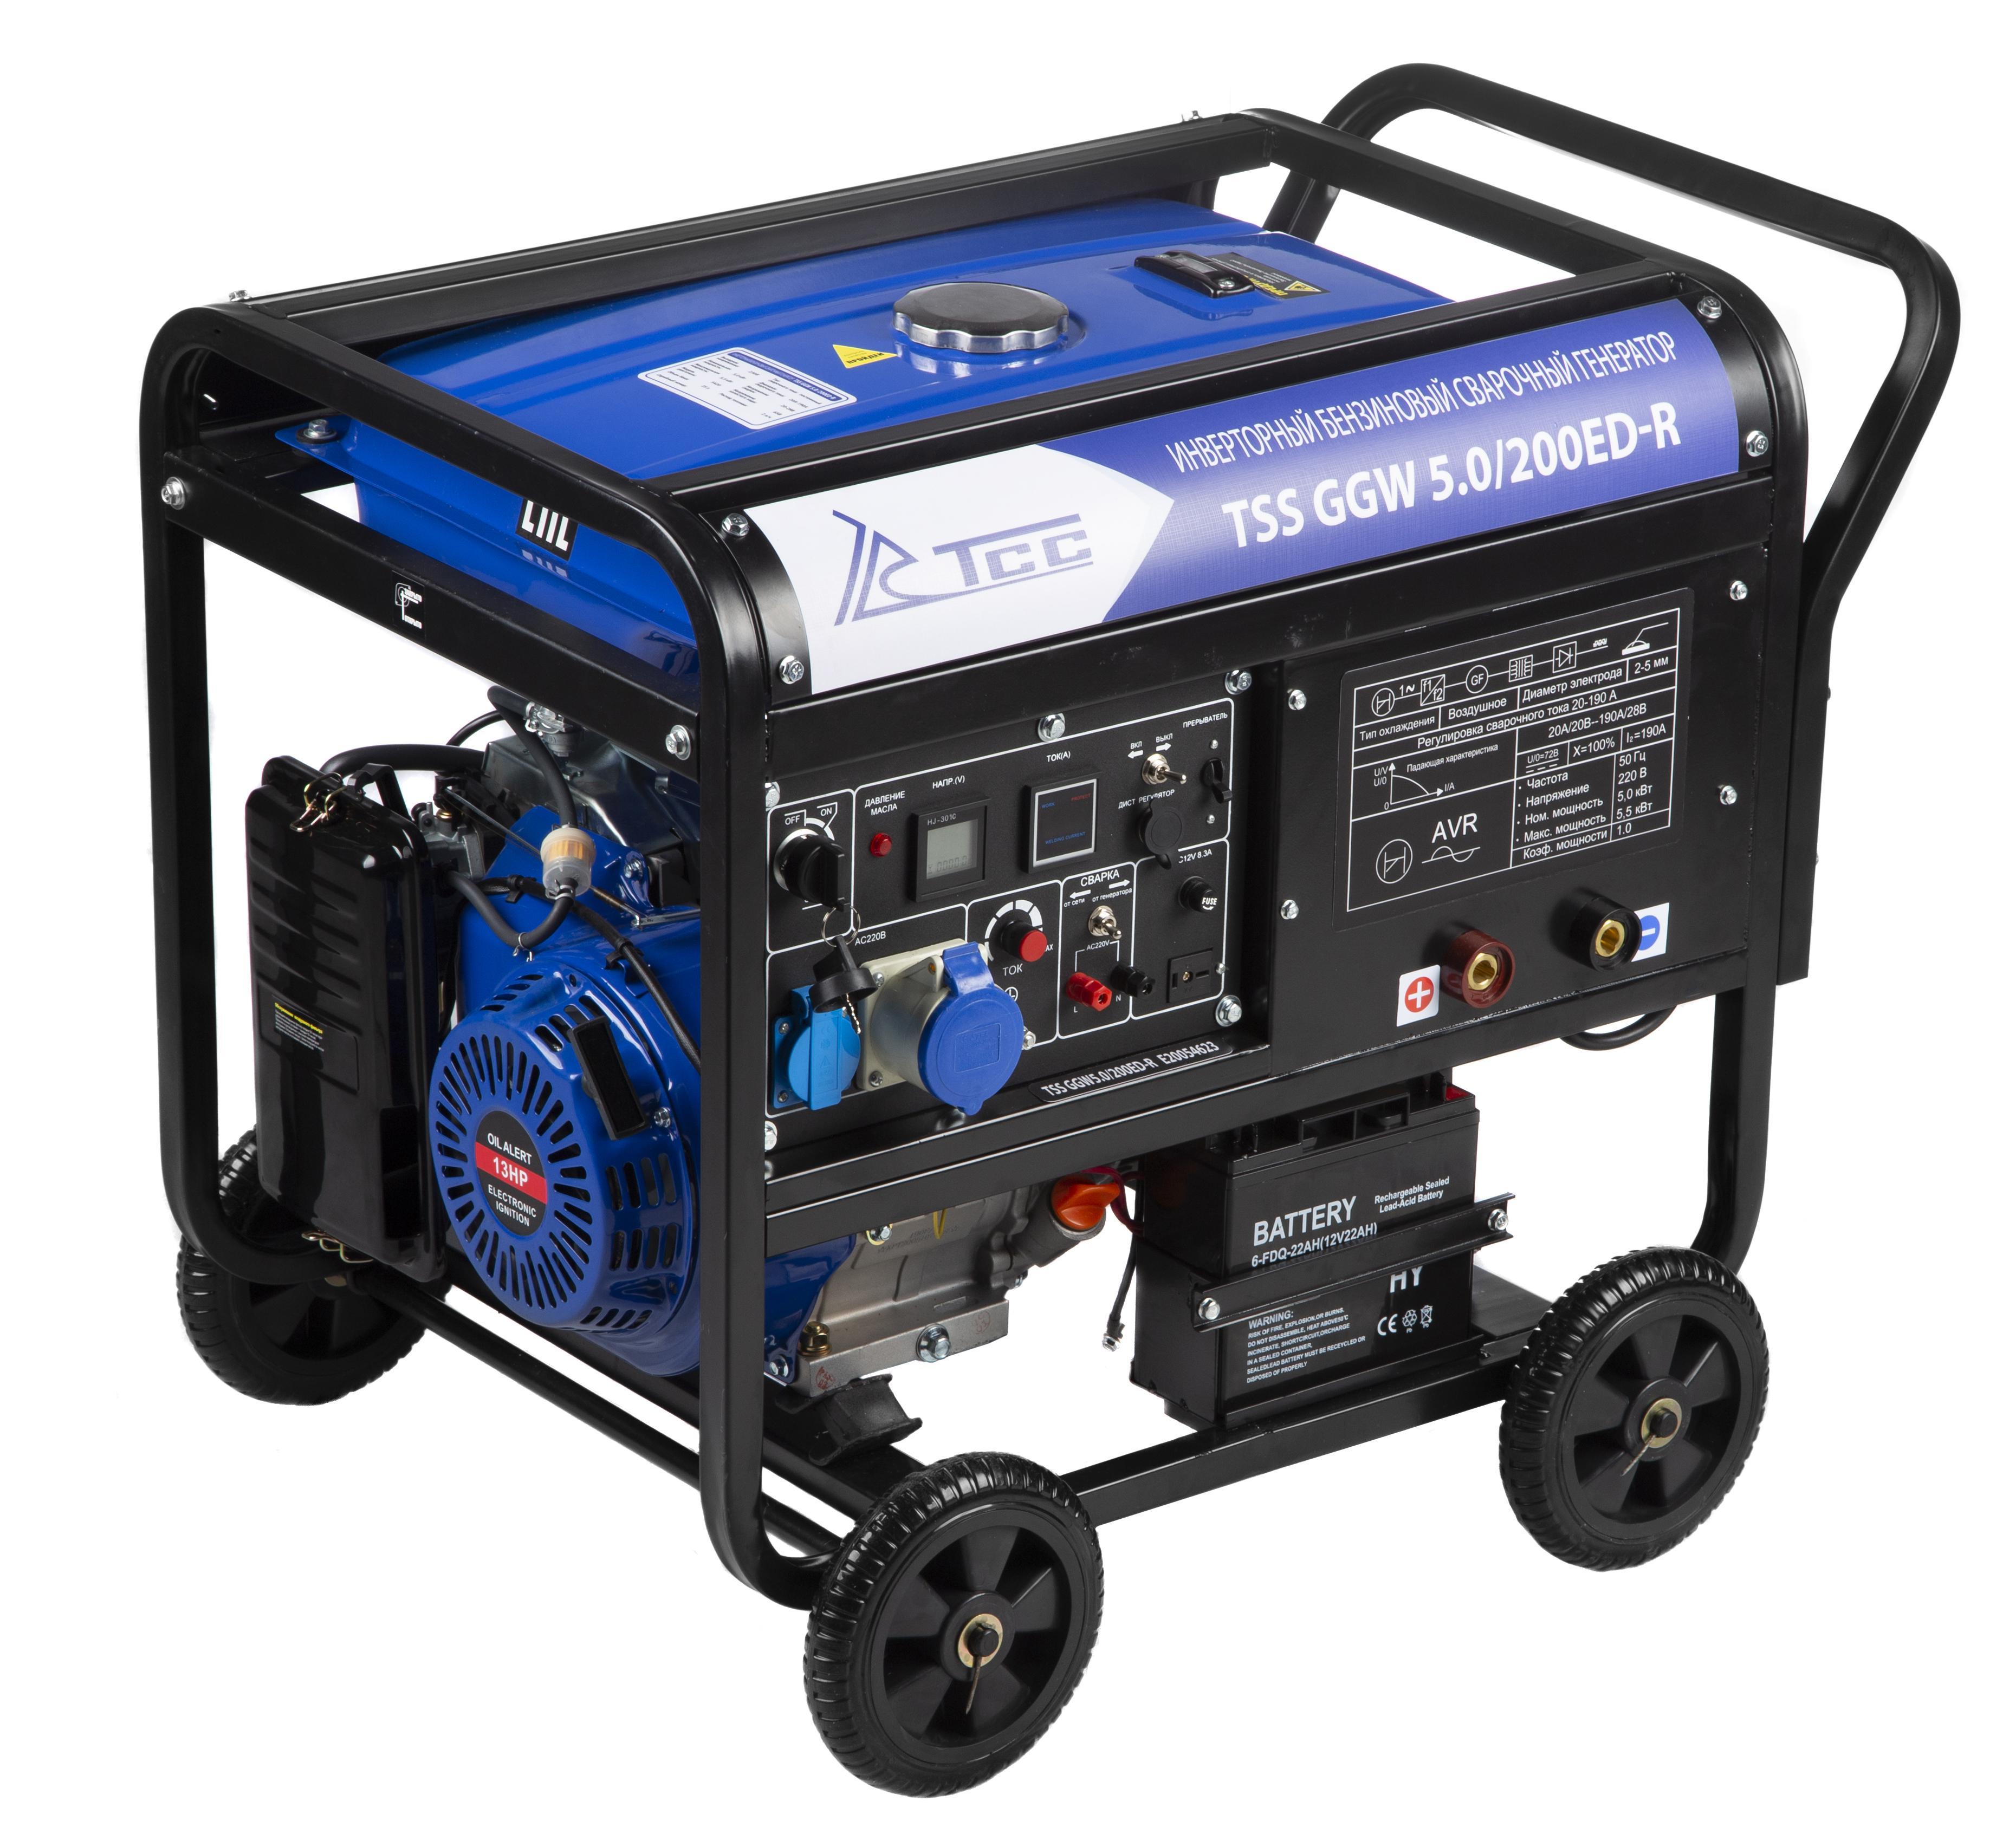 Сварочный бензиновый генератор ТСС Ggw 5.0/200ed-r (22957) инверторный бензиновый генератор тсс ggw 5 0 200ed r 22957 сварочный 98кг бензин 5квт 220 12в